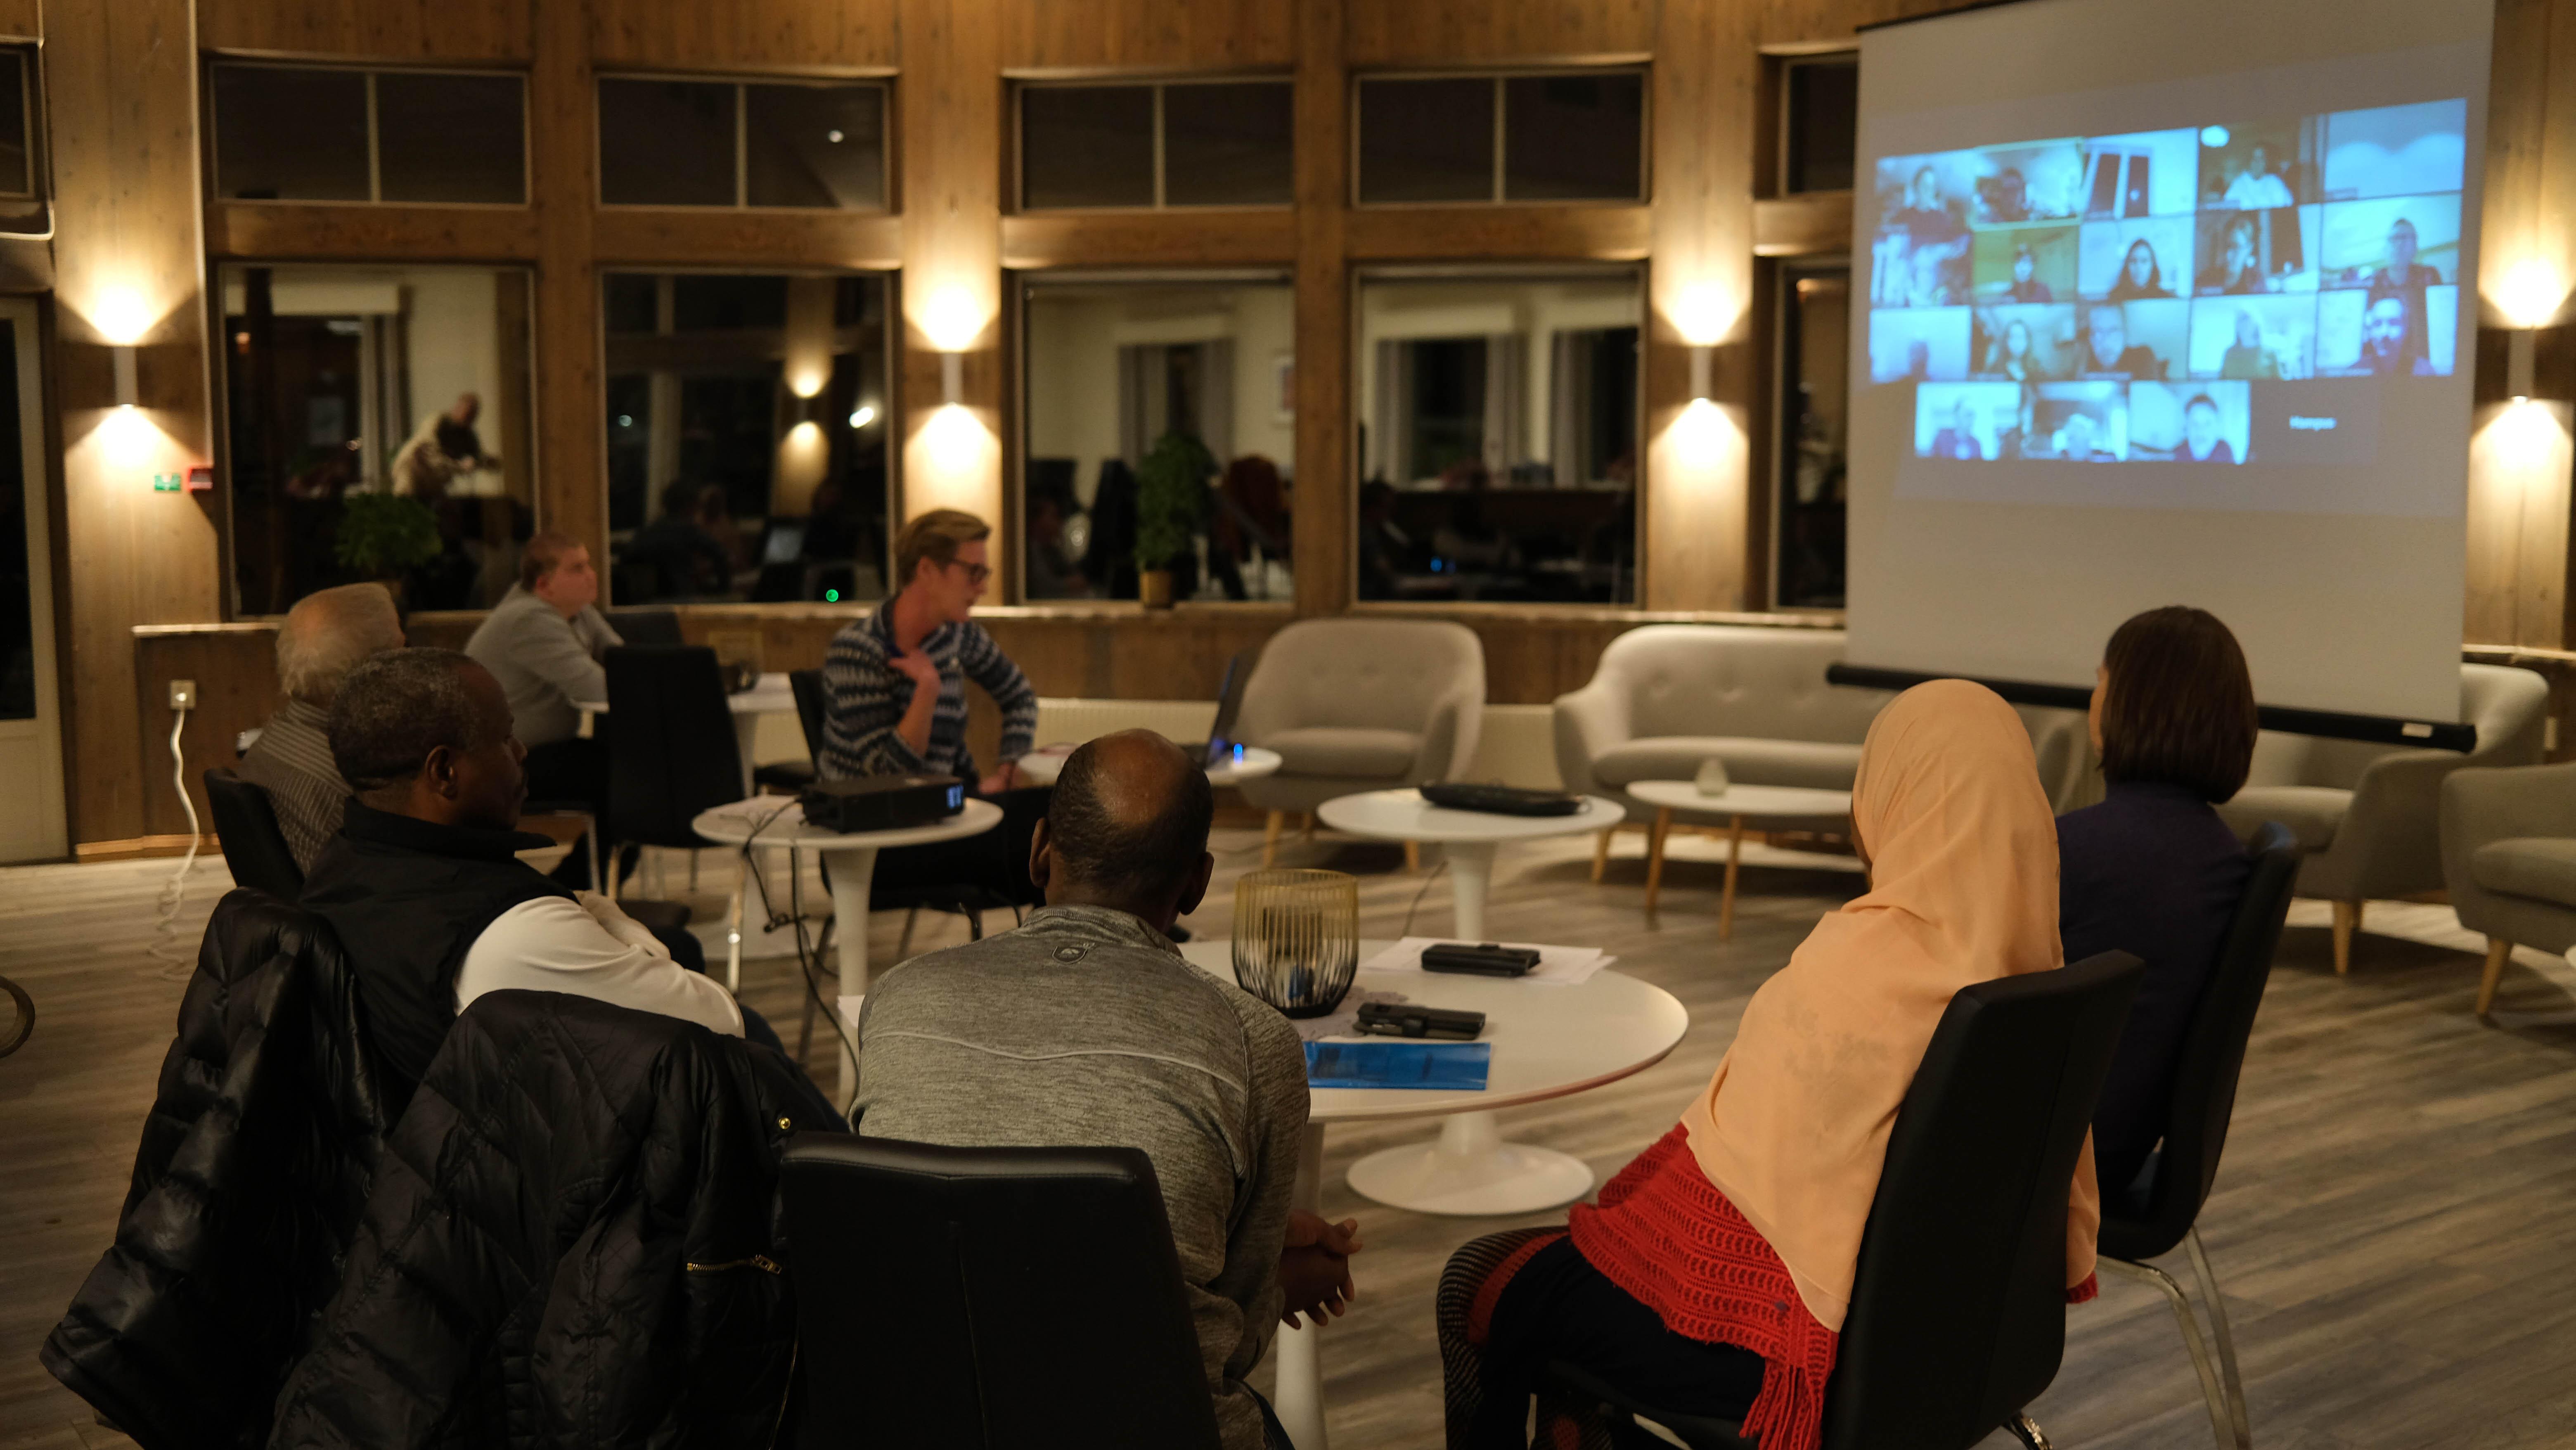 Medskapande medborgardialog I Mörsil / Co-creative citizen dialogue in Mörsil (Âre)